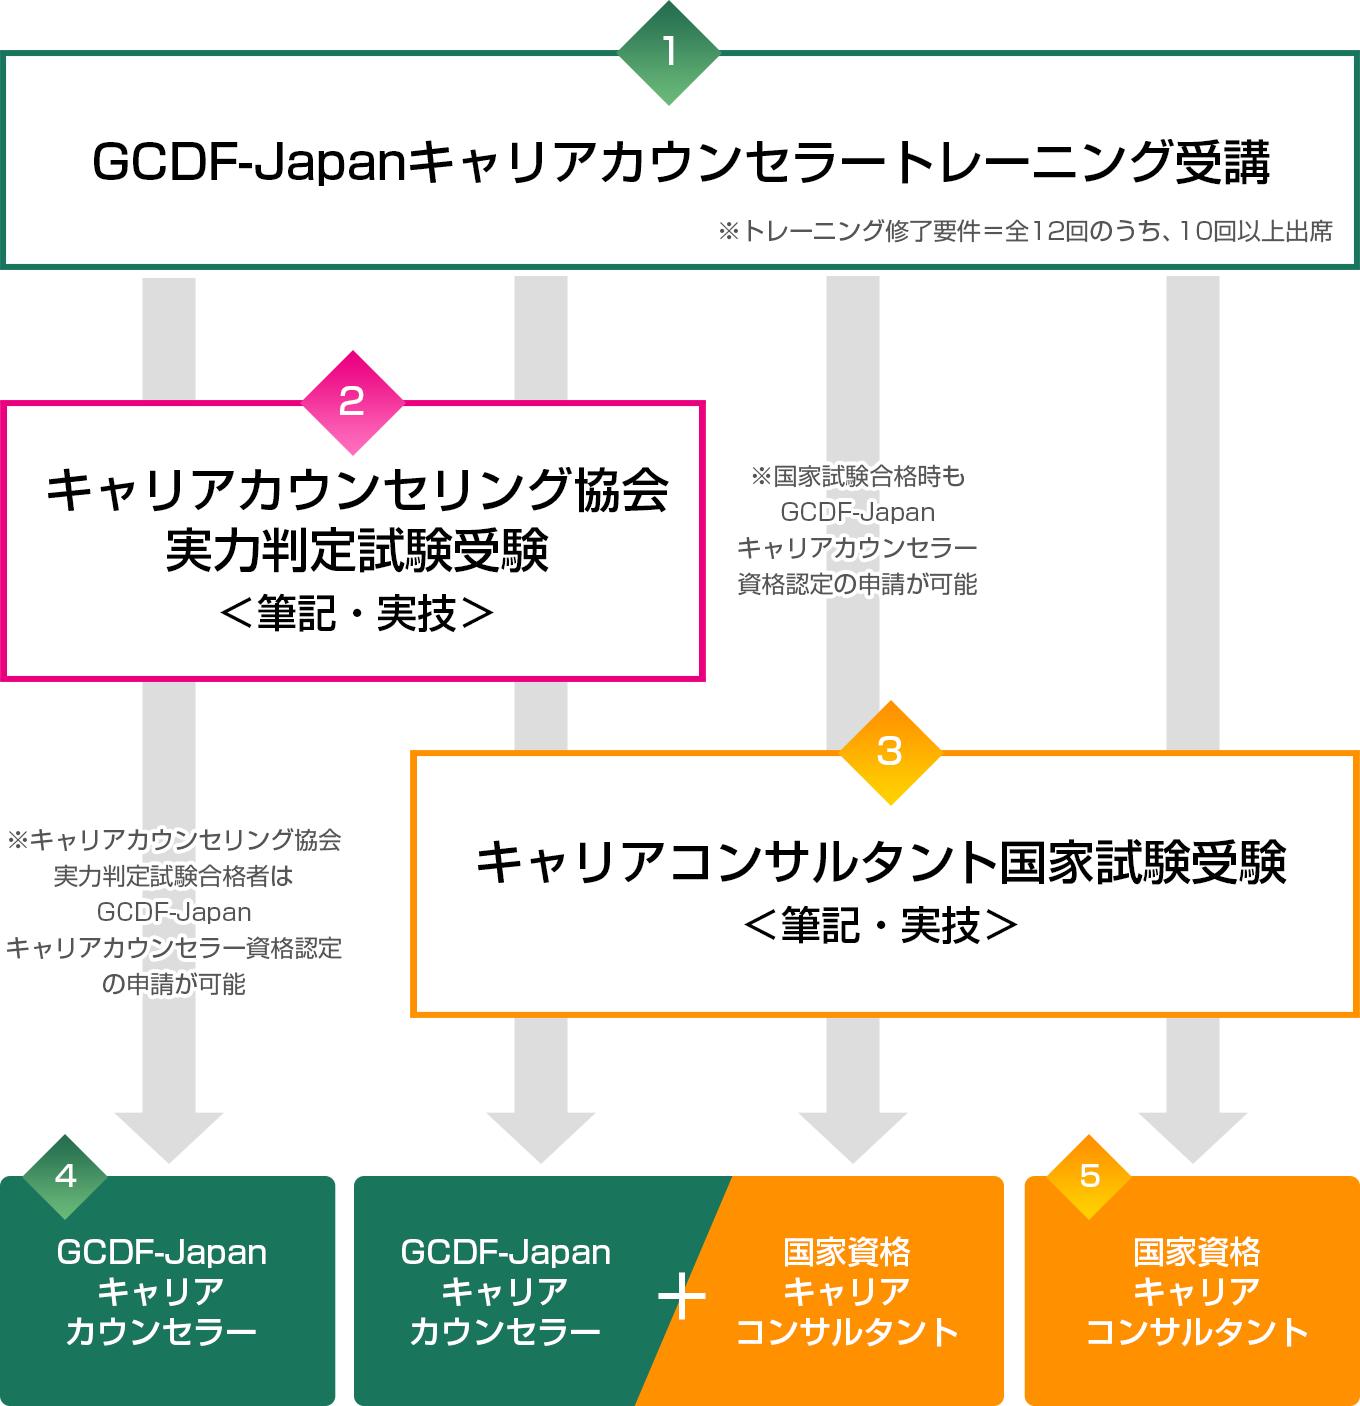 GCDF-Japanキャリアカウンセラー...